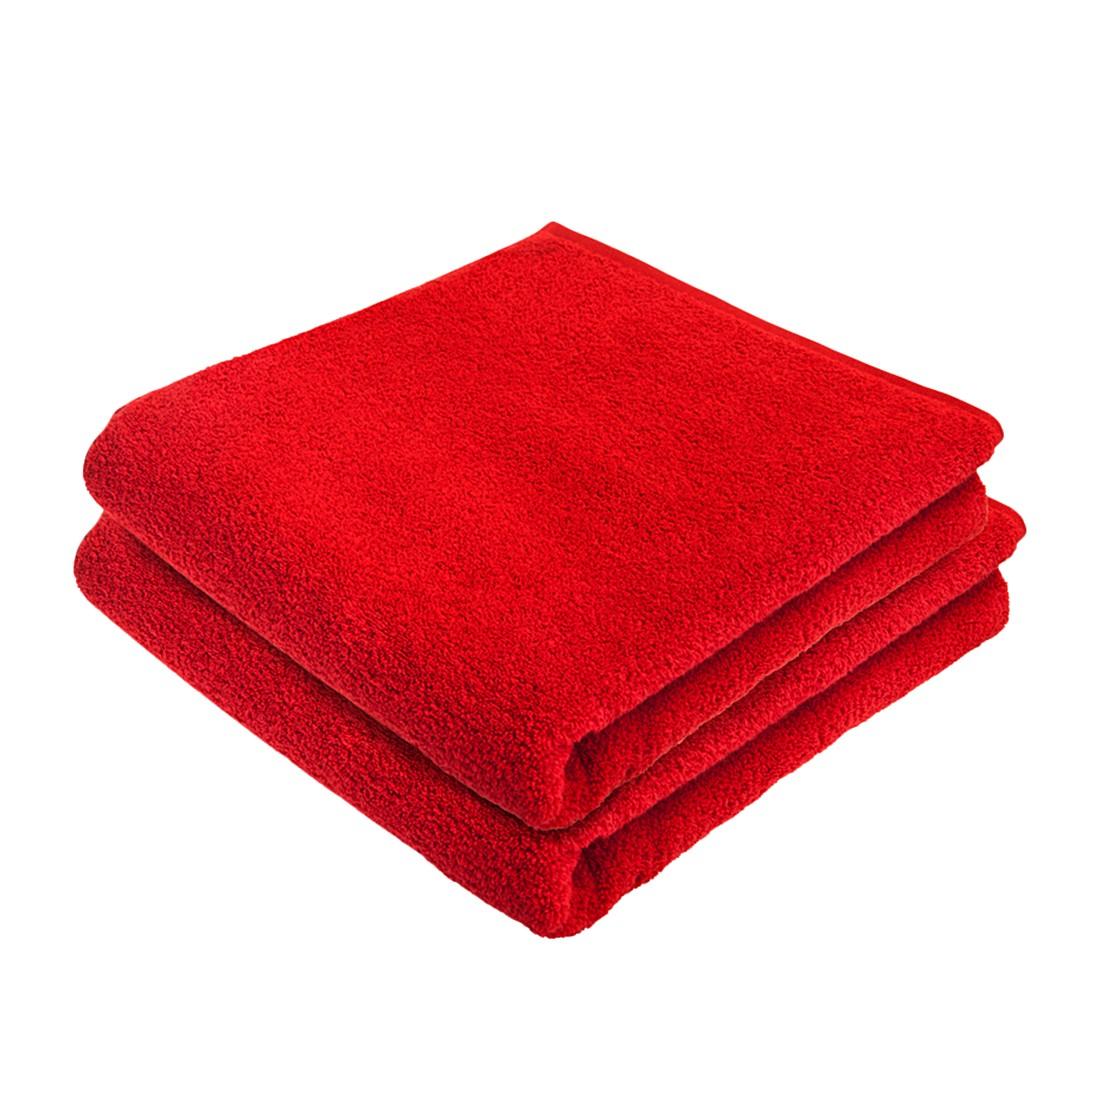 Home 24 - Service de bain pure (lot de 2) - coton - rouge, stilana